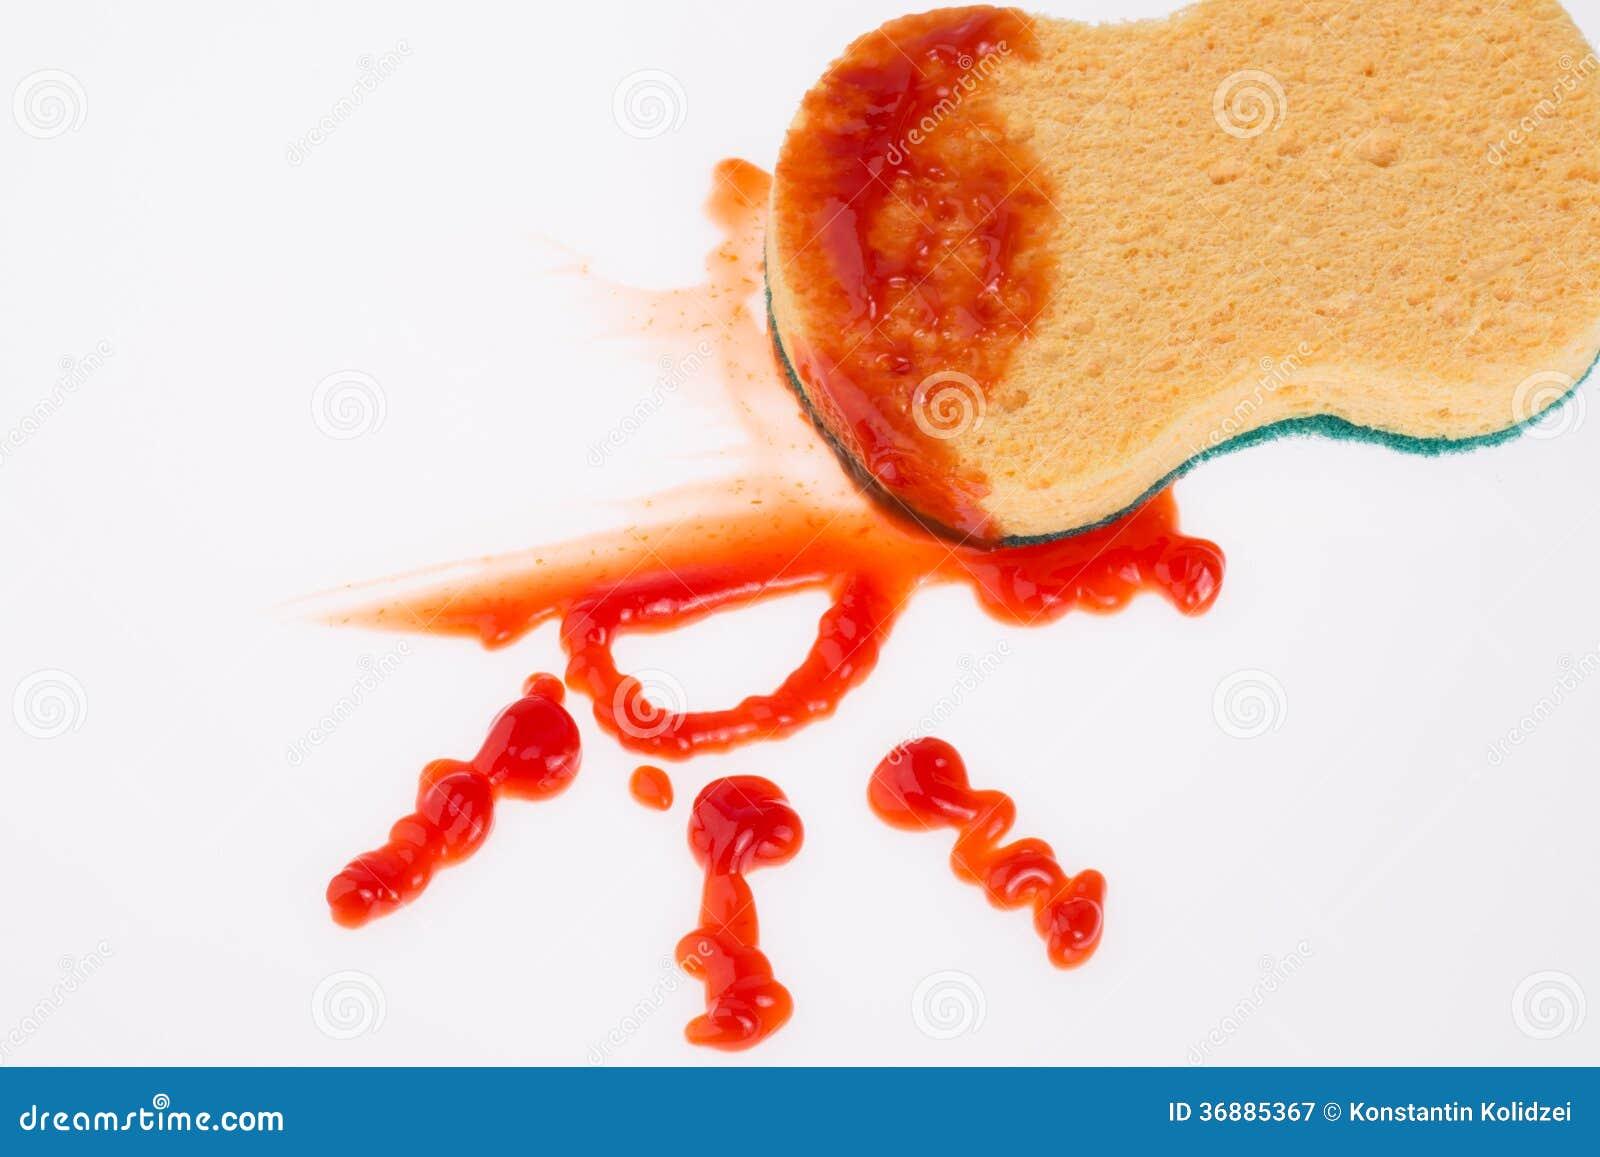 Download Macchia del ketchup immagine stock. Immagine di macchia - 36885367